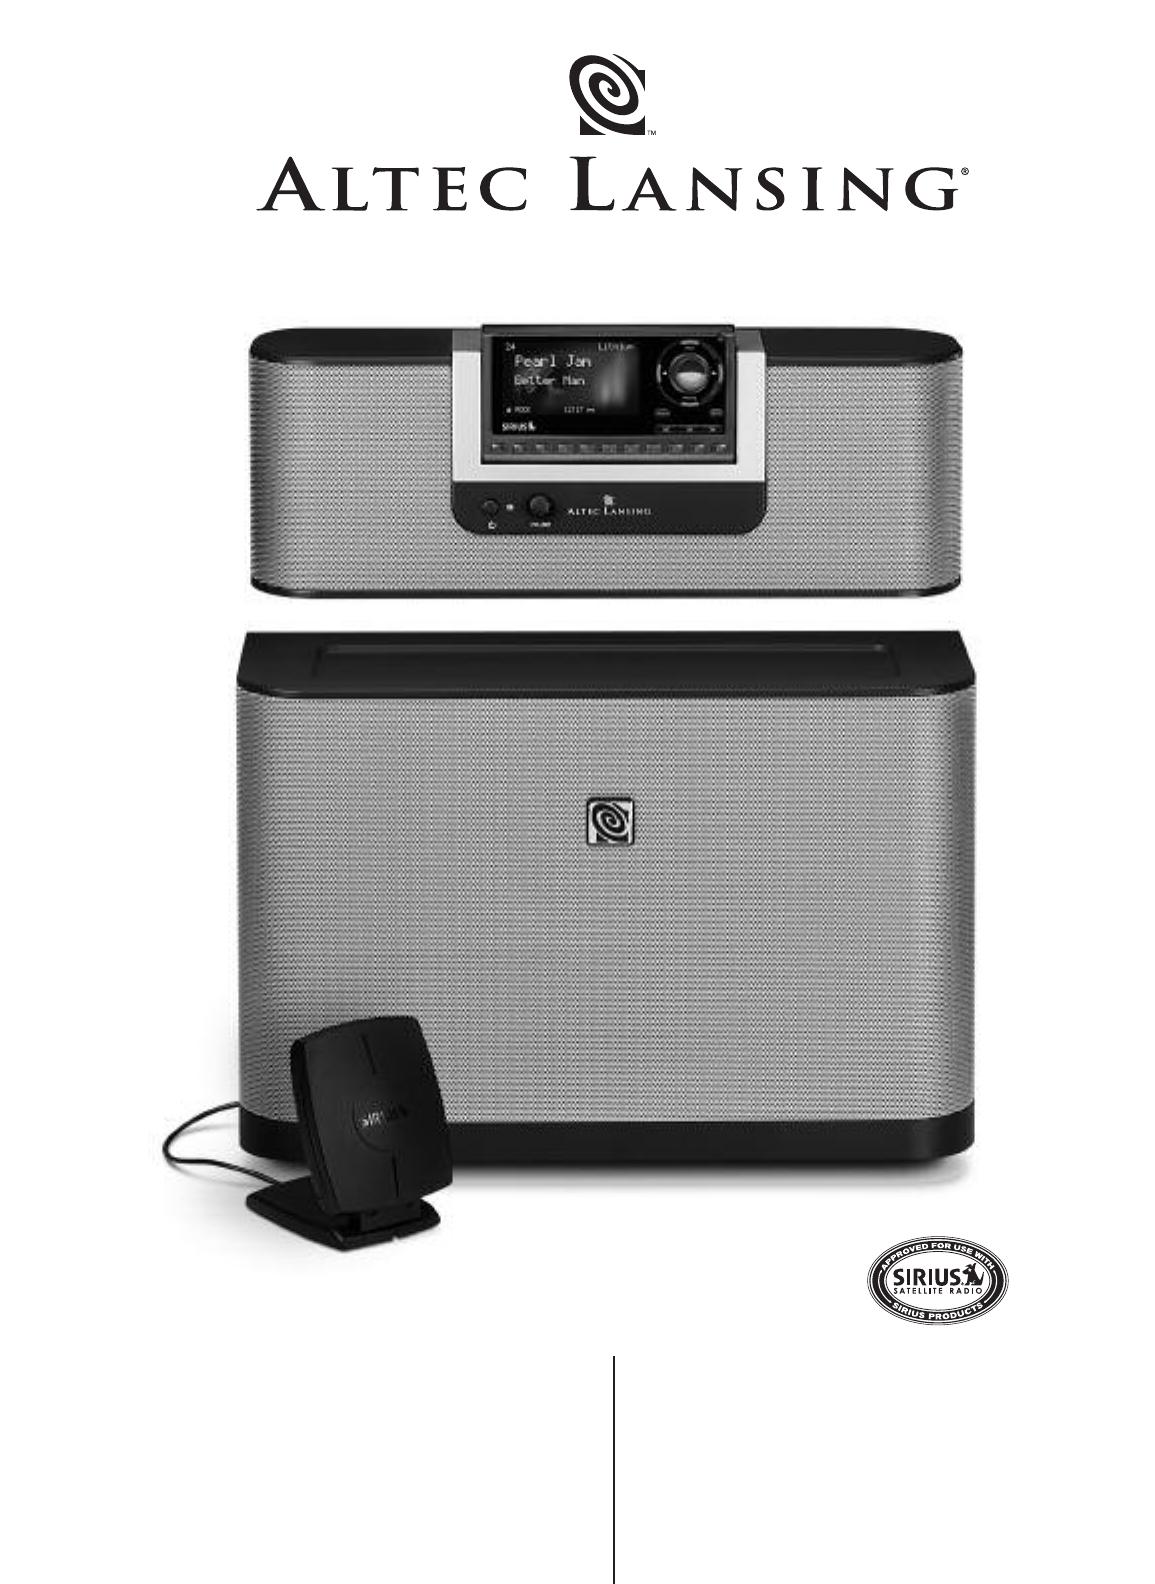 altec lansing portable speaker sr4021 user guide manualsonline com rh portablemedia manualsonline com Altec Lansing Logo Altec Lansing Portable Speaker